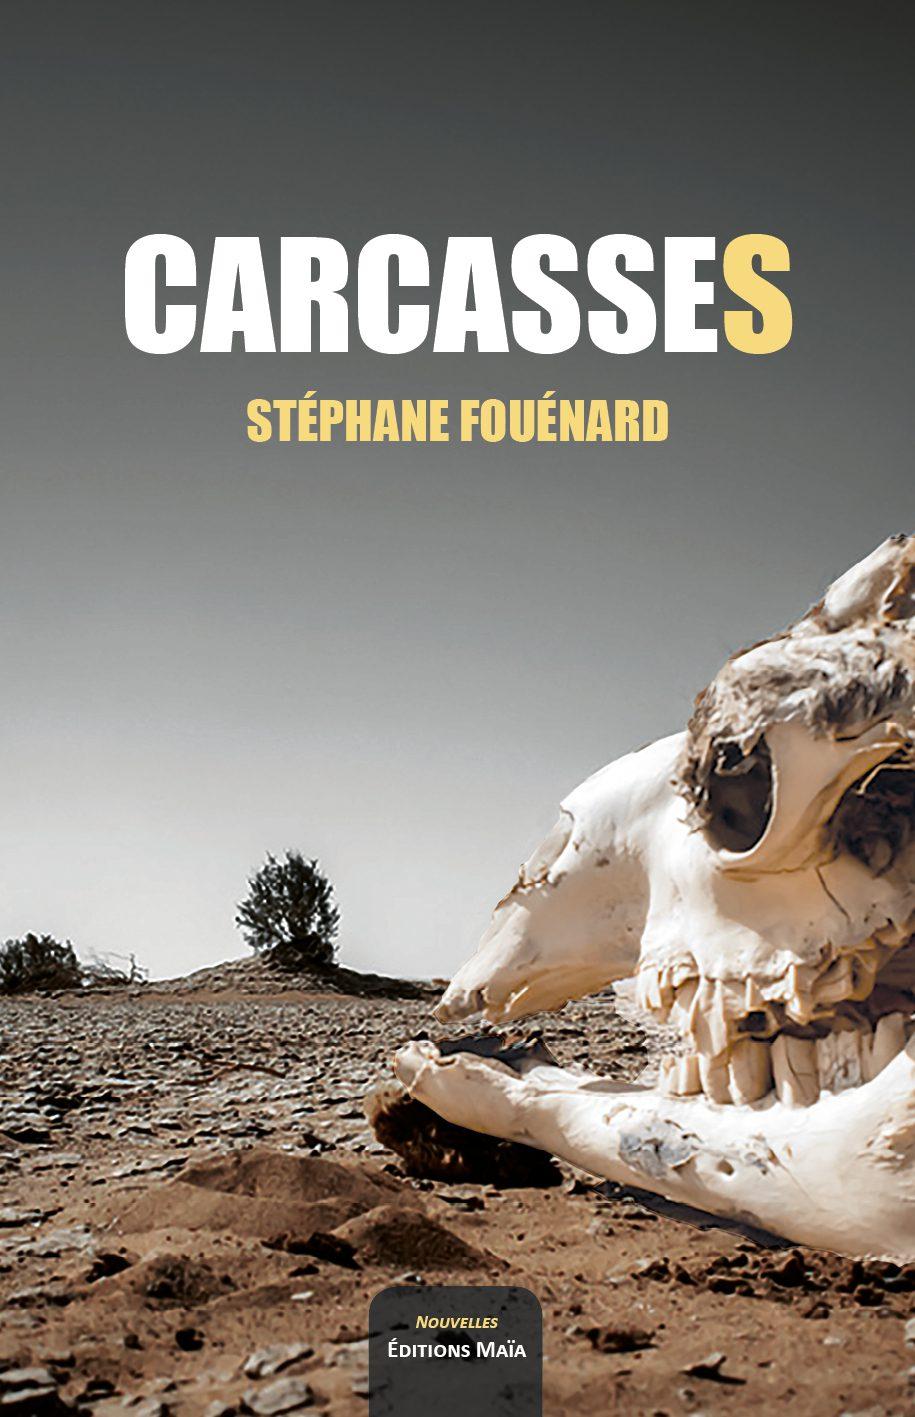 Entretien avec Stéphane Fouénard – Carcasses